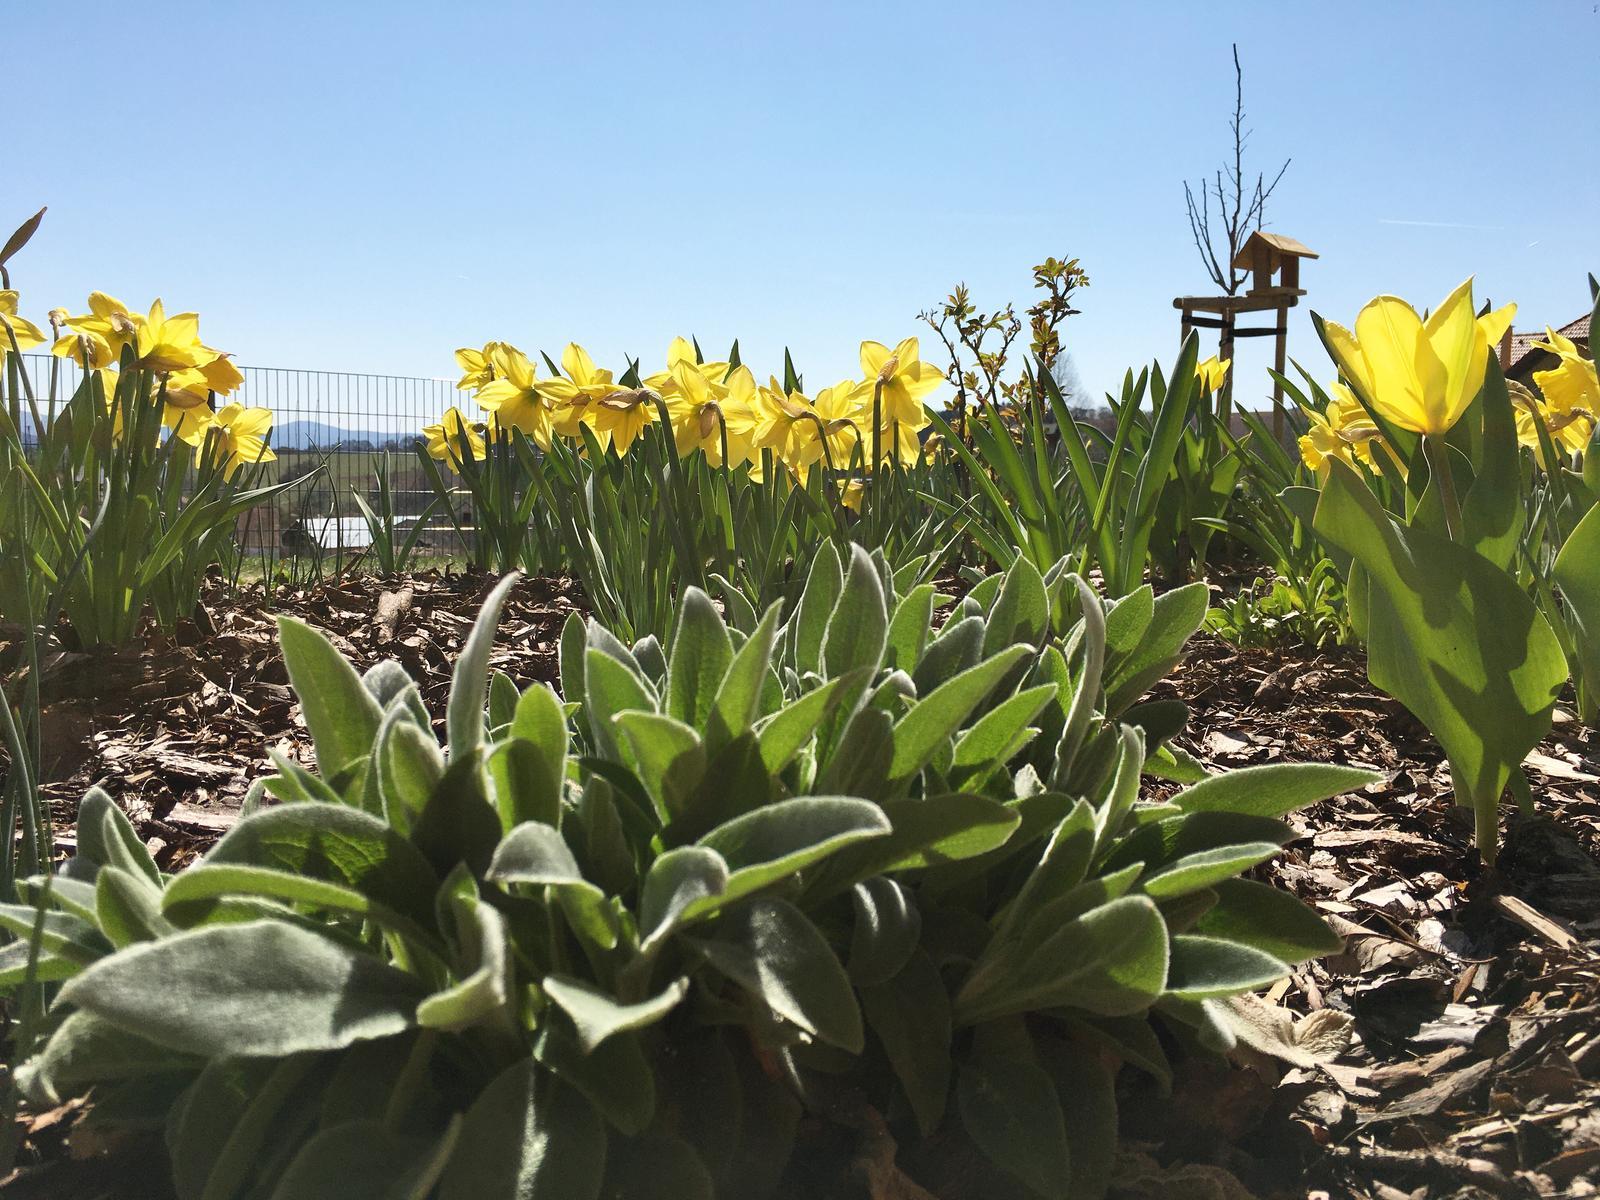 Záhrada v starom sade - Toto je jar